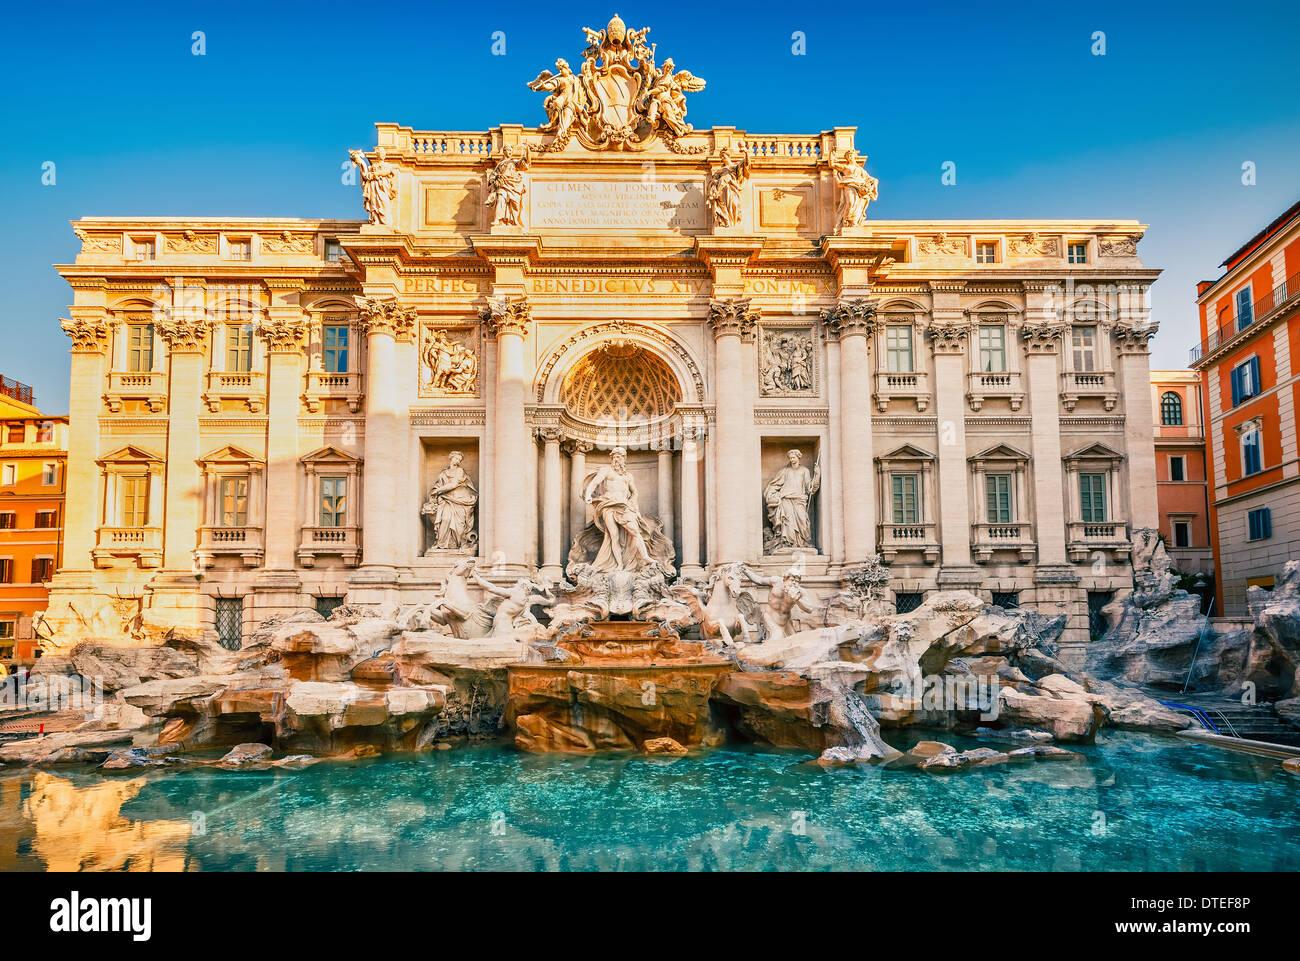 Fountain di Trevi - Stock Image